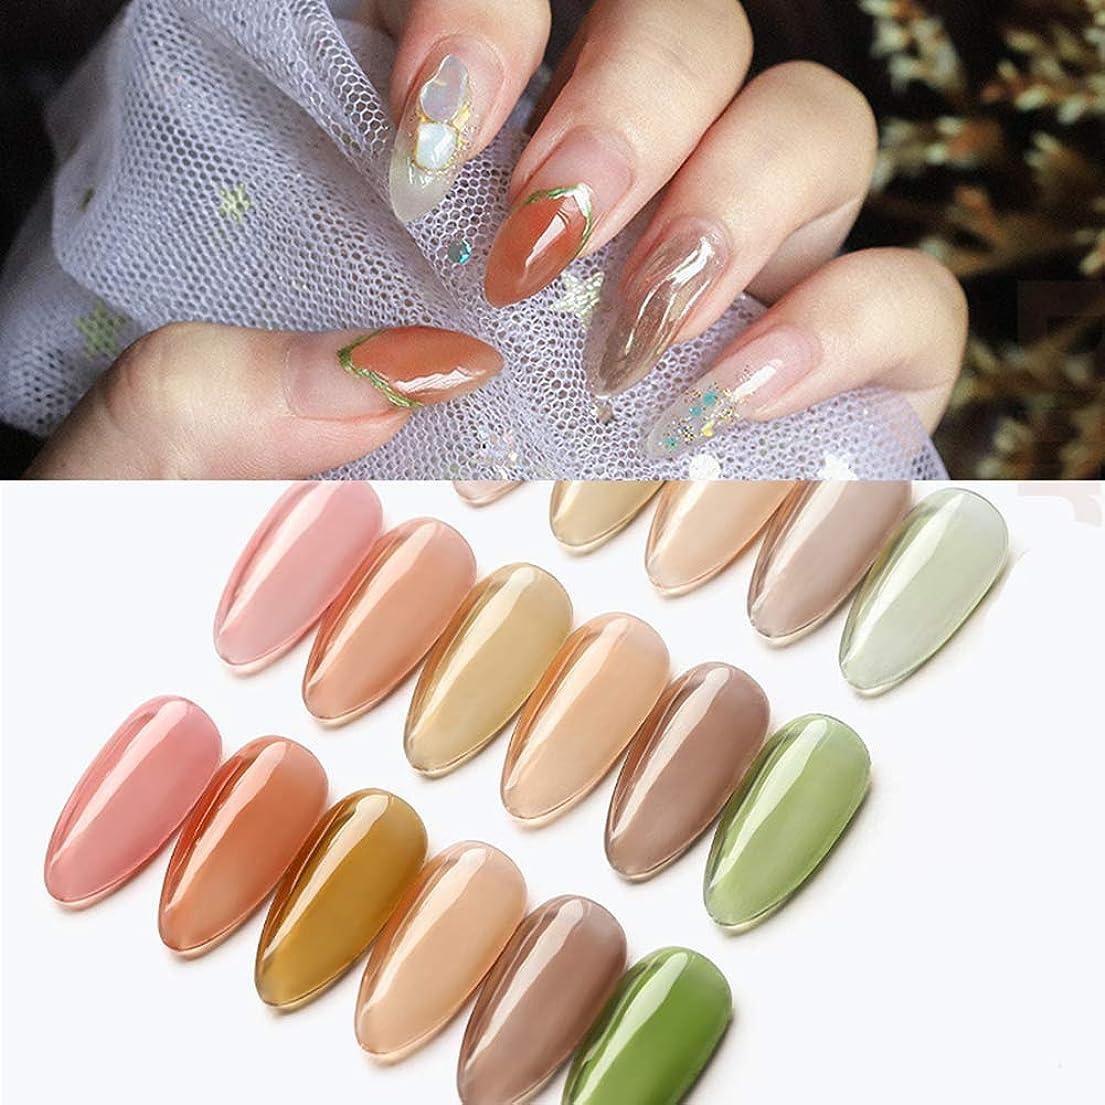 消費者ポット良性ジェルネイルカラークリアカラージェル 琥珀カラージェル ネイルアートネイルマニキュアソークオフ 8gケース入り6色から選び (2)